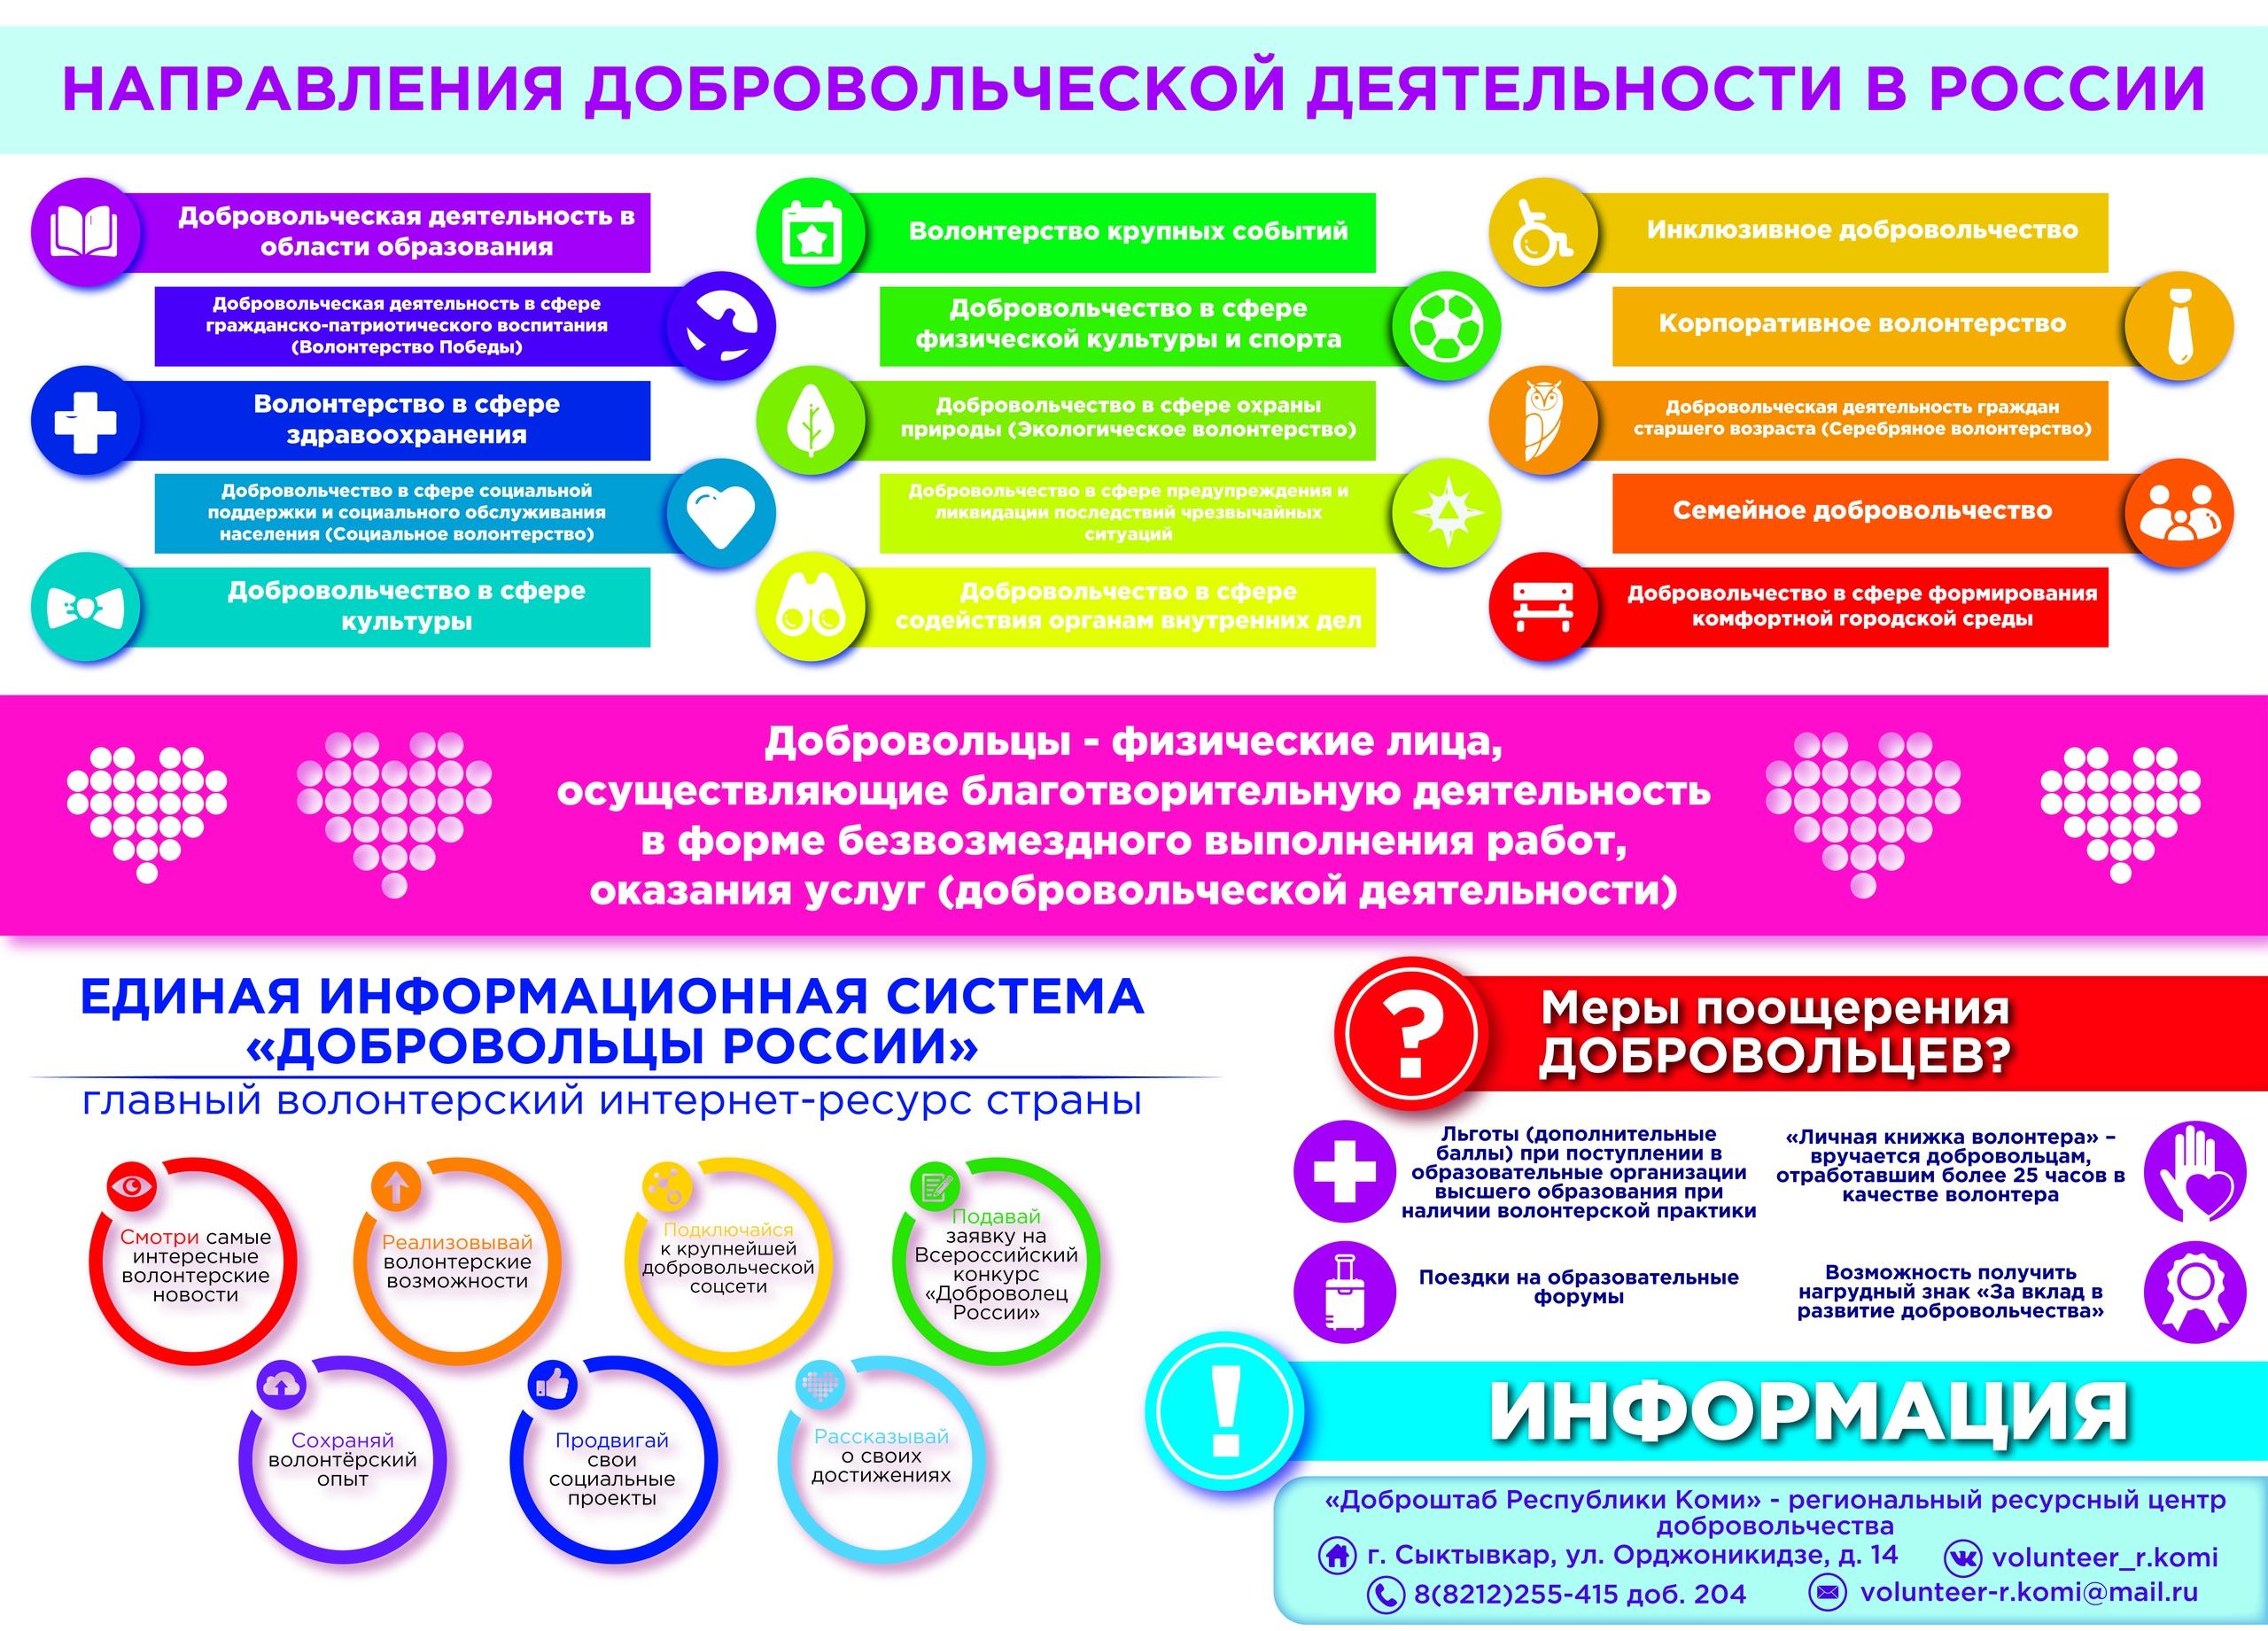 Распоряжением Правительства Российской Федерации от 19 июня 2019 года №5377п-П44 утвержден